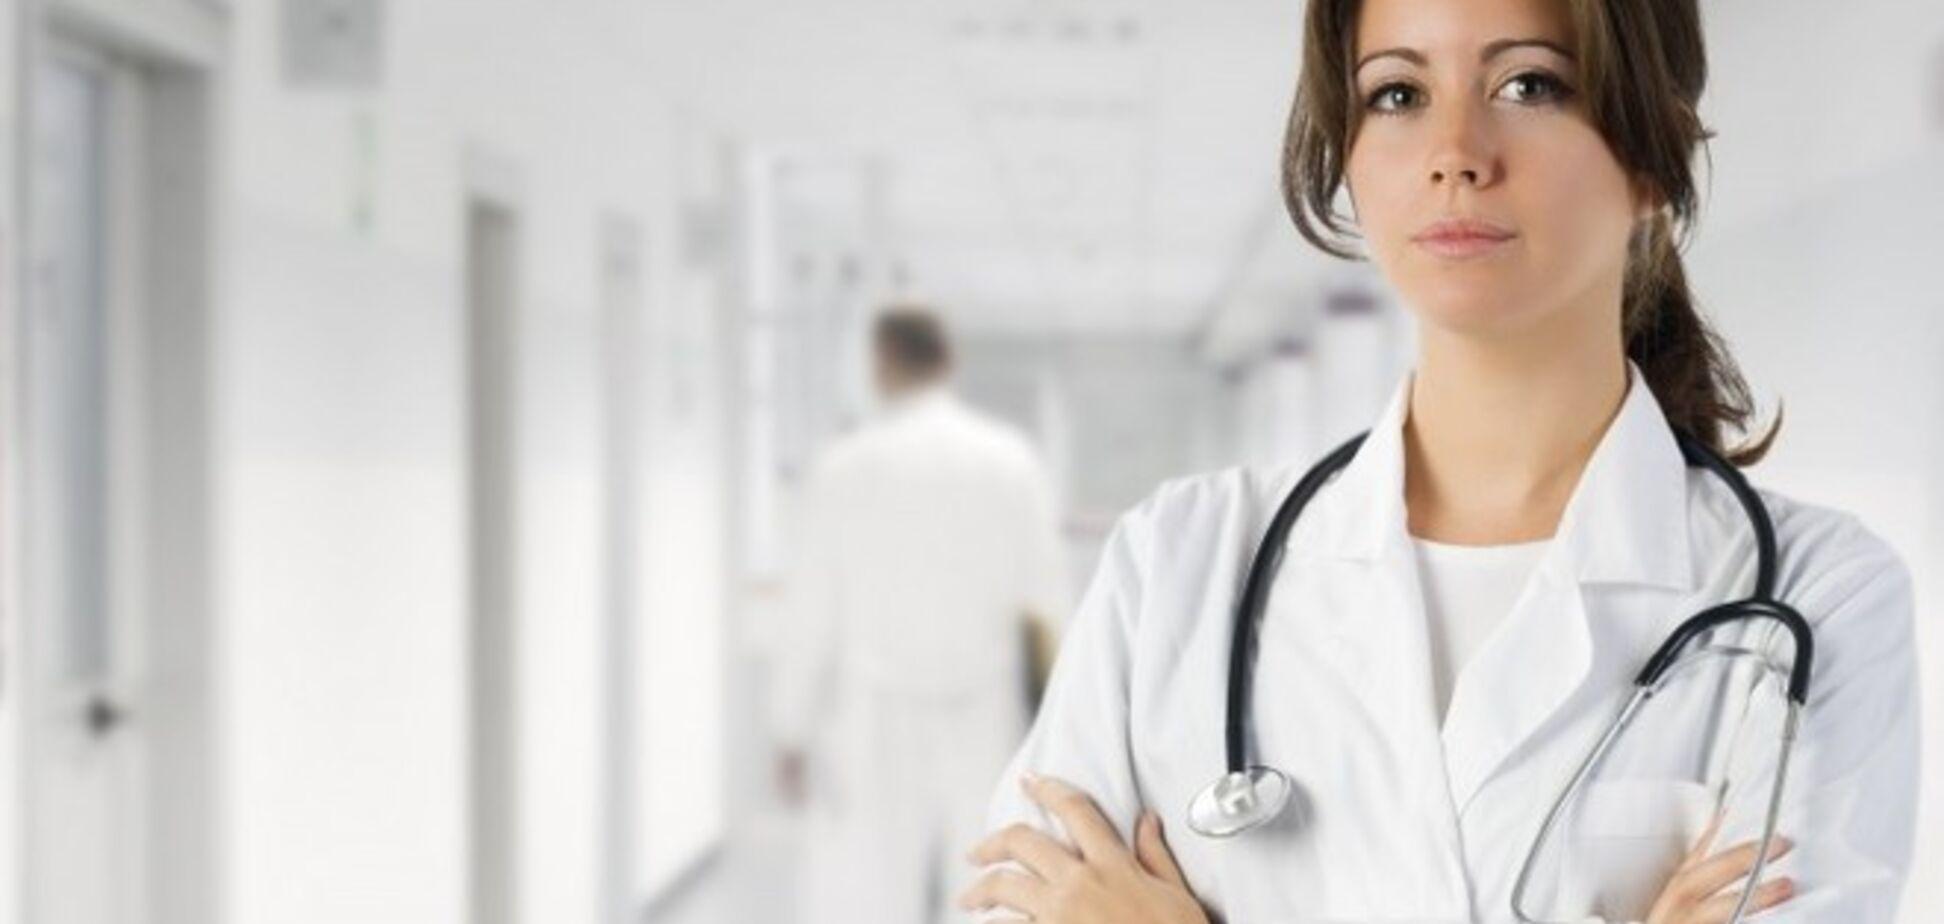 Откровения британского врача: в чем секрет молодости и долголетия медиков